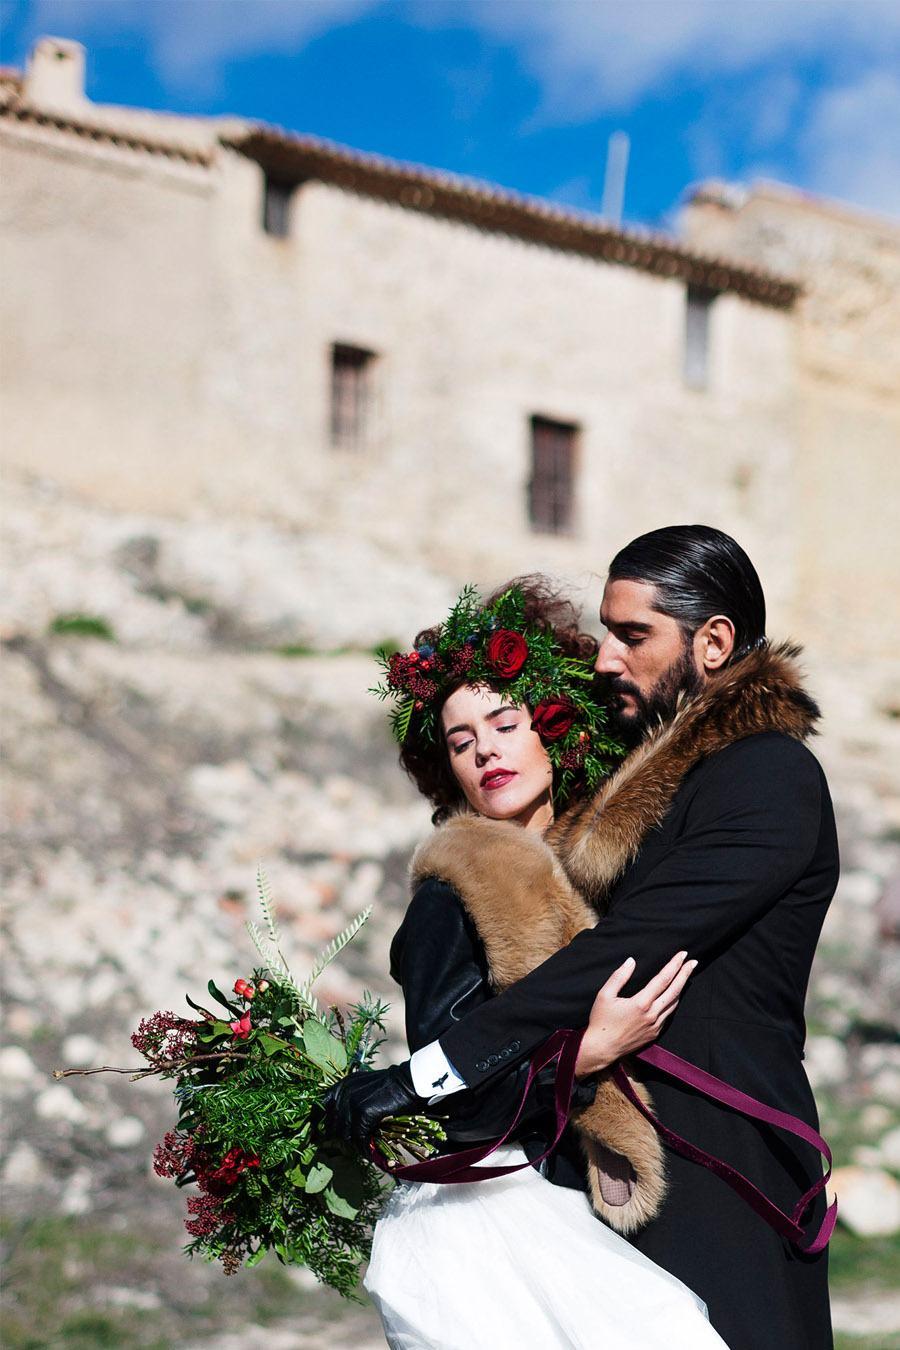 AMOR EN CAMPOS DE CASTILLA boda-invierno-novios